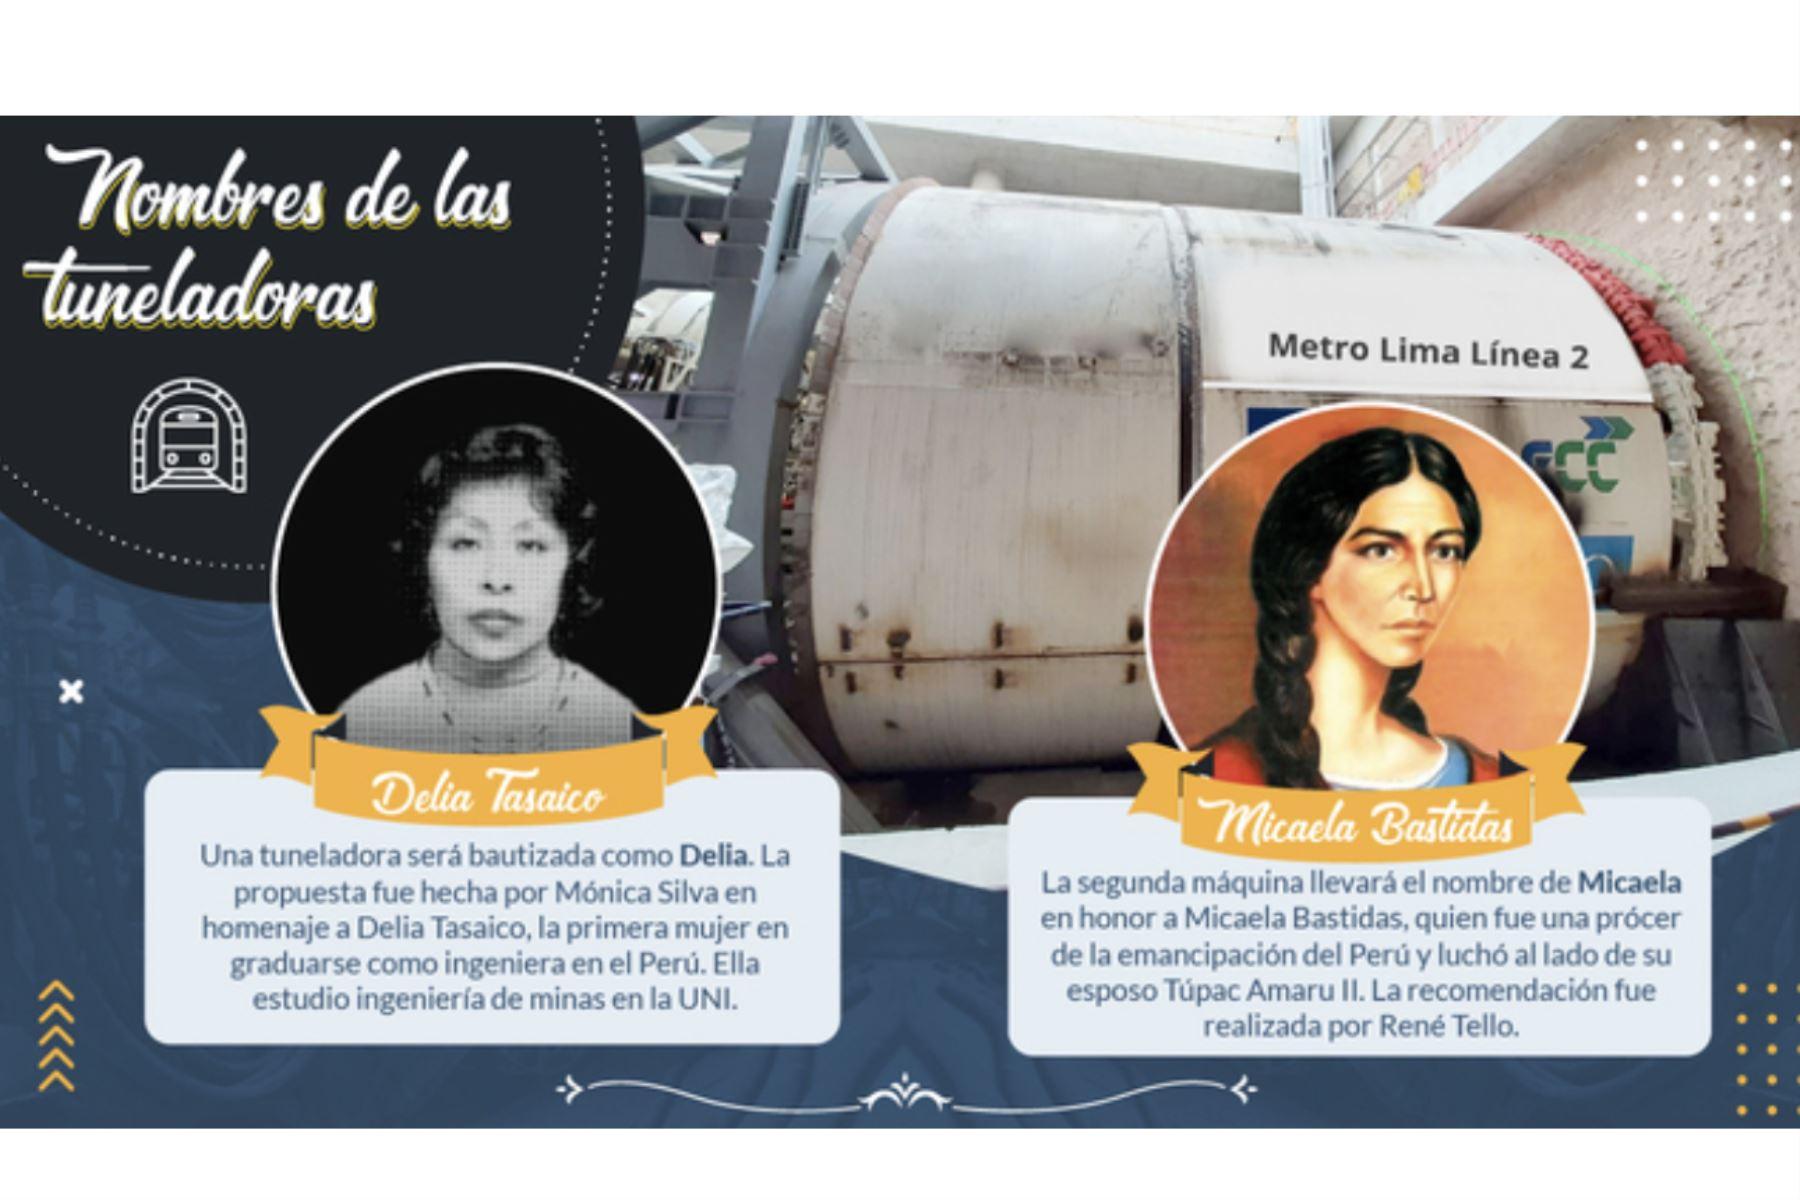 Gigantescas tuneladoras para construir Línea 2 del Metro ya tienen nombre: Delia y Micaela